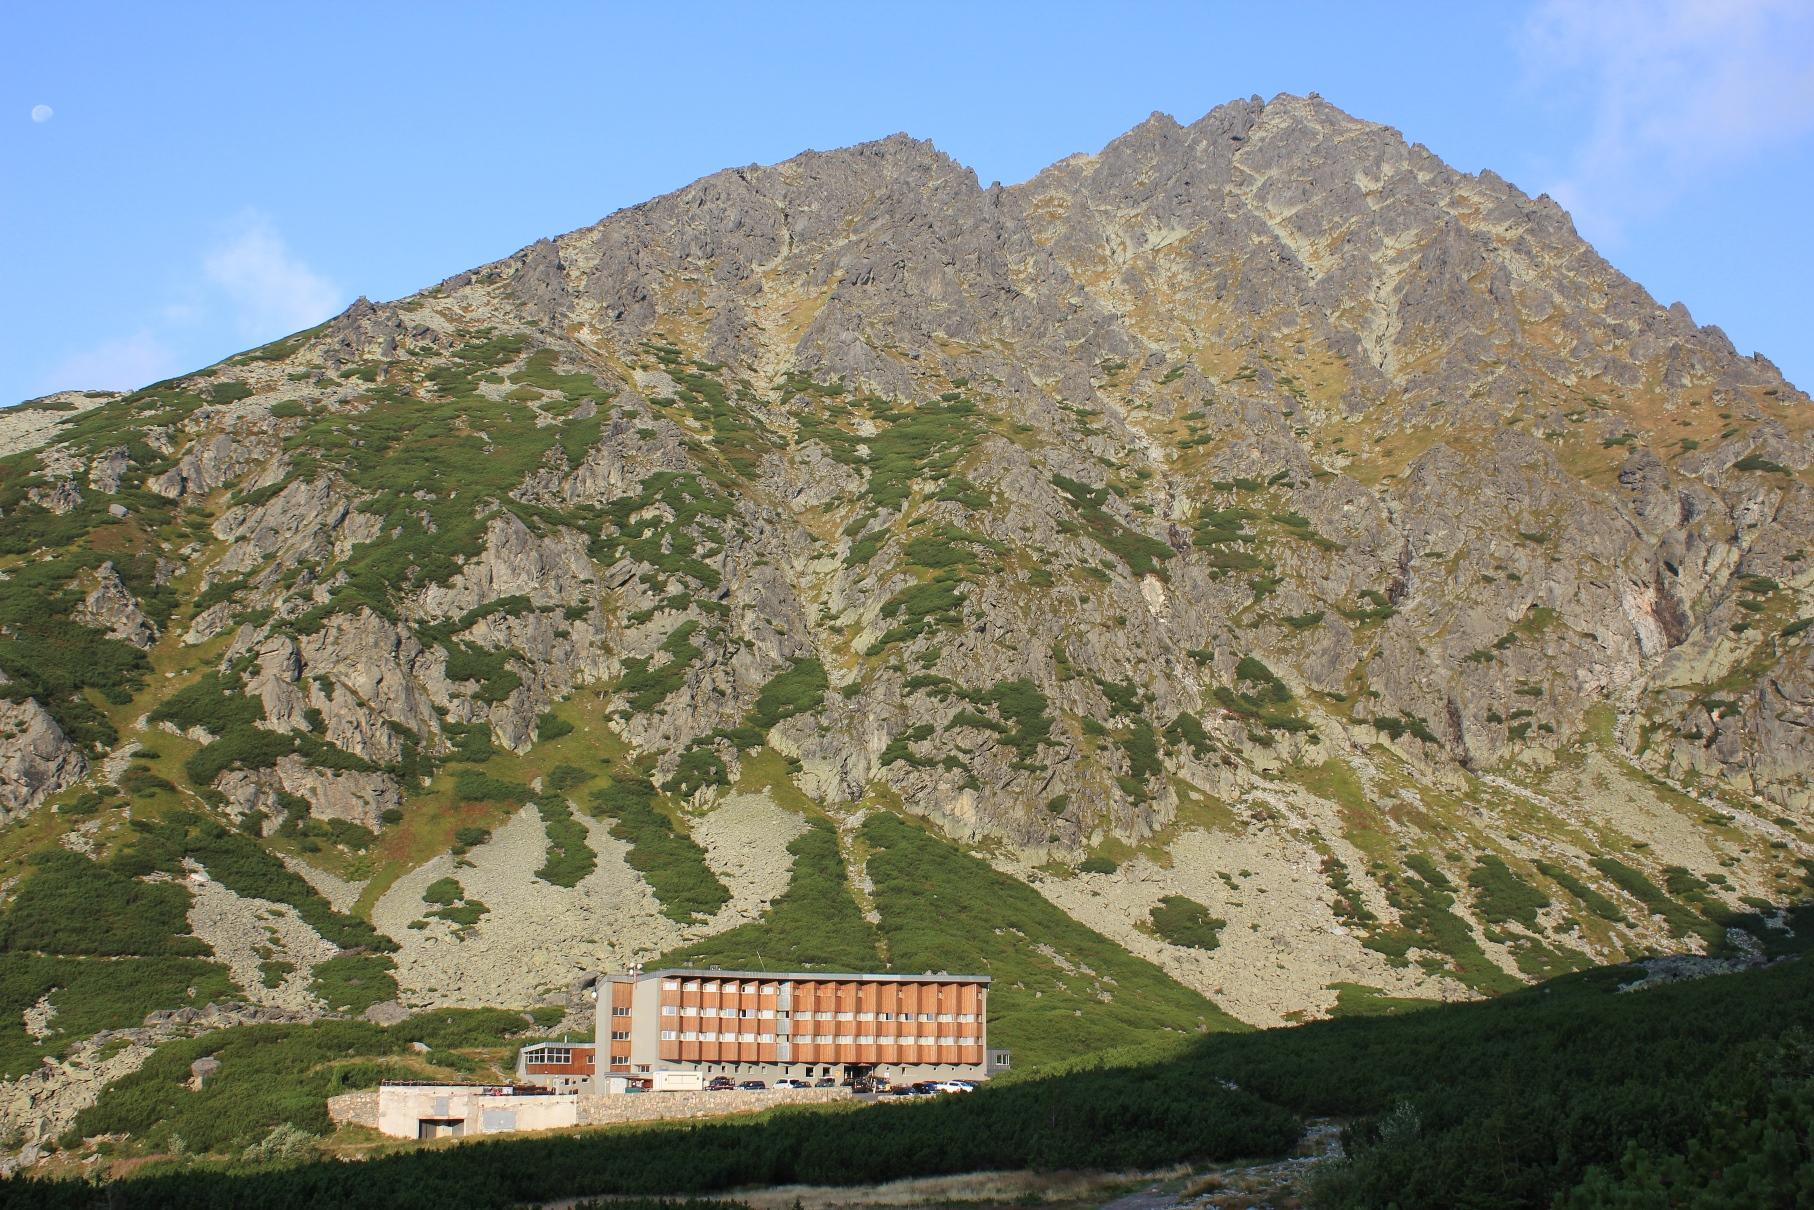 素朴な山岳国スロバキア、ポーランドハイキングと絶景の山岳リゾートホテル滞在 9日間